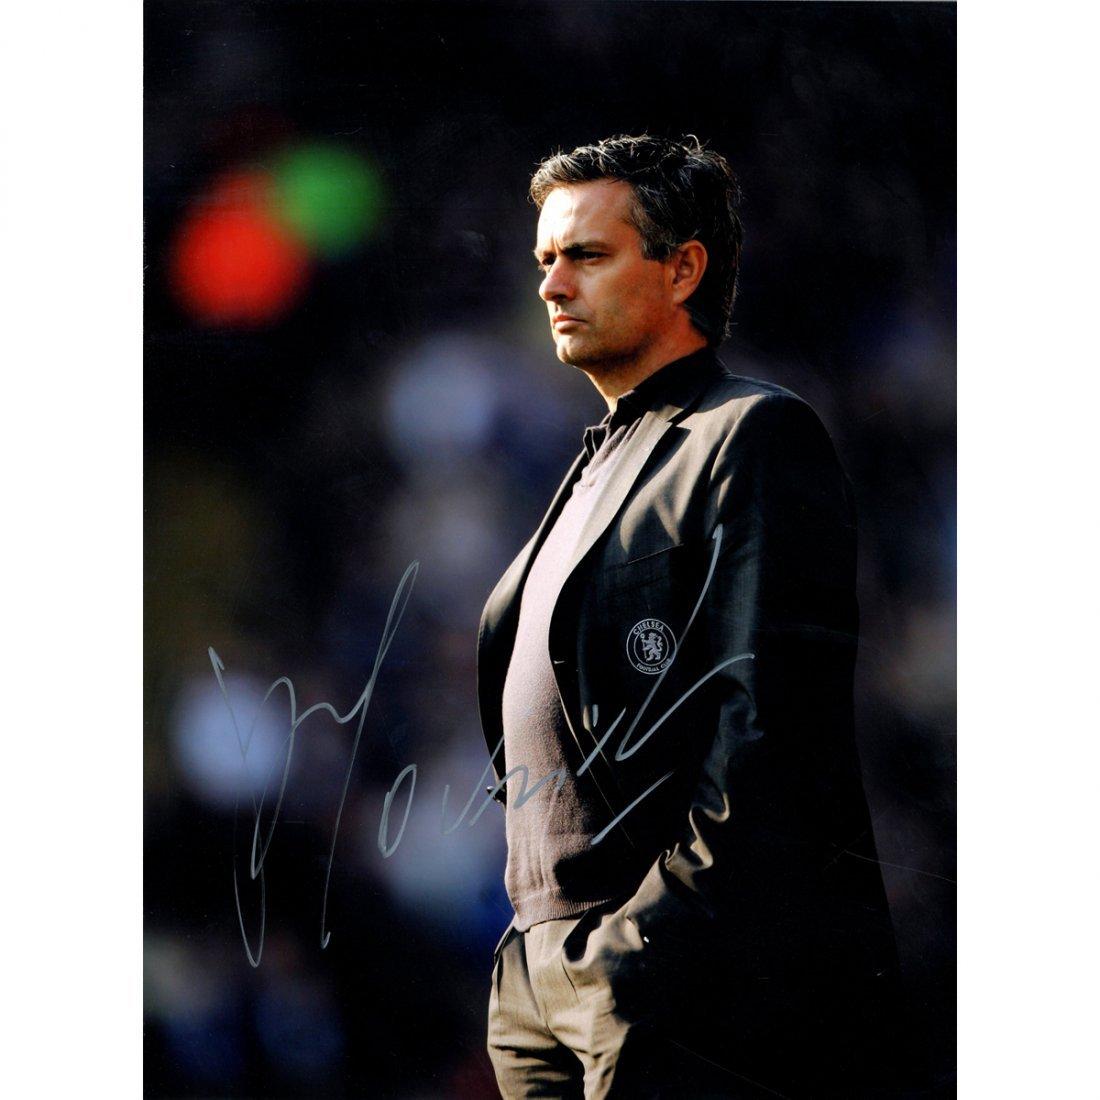 Jose Mourinho Special One 12x16 Photo (Icons Auth)